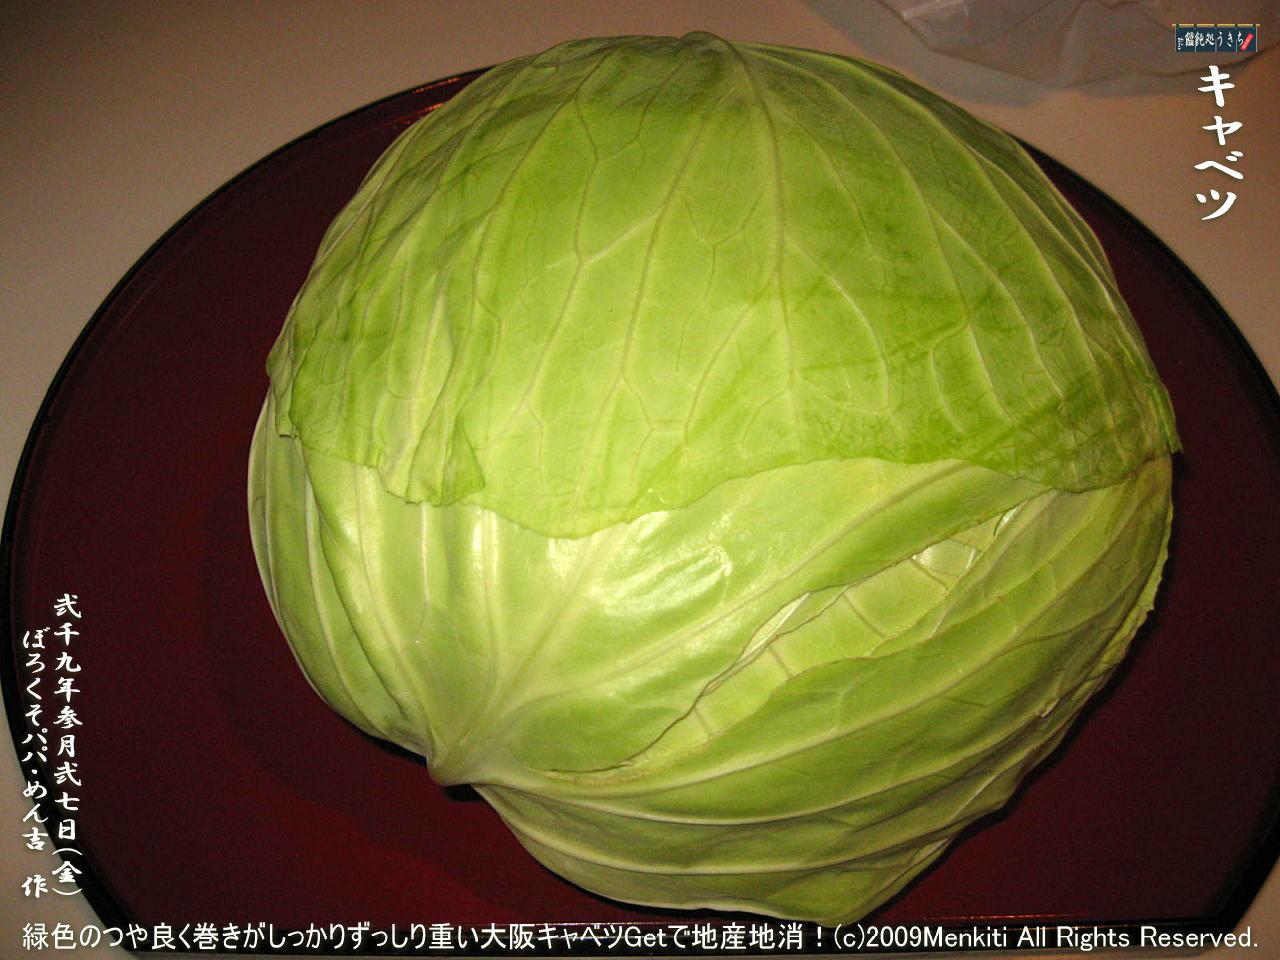 3/27(金)【キャベツ】緑色のつや良く巻きがしっかりずっしり重い大阪キャベツGetで地産地消!@キャツピ&めん吉の【ぼろくそパパの独り言】     ▼クリックで1280x960pxlsに拡大します。